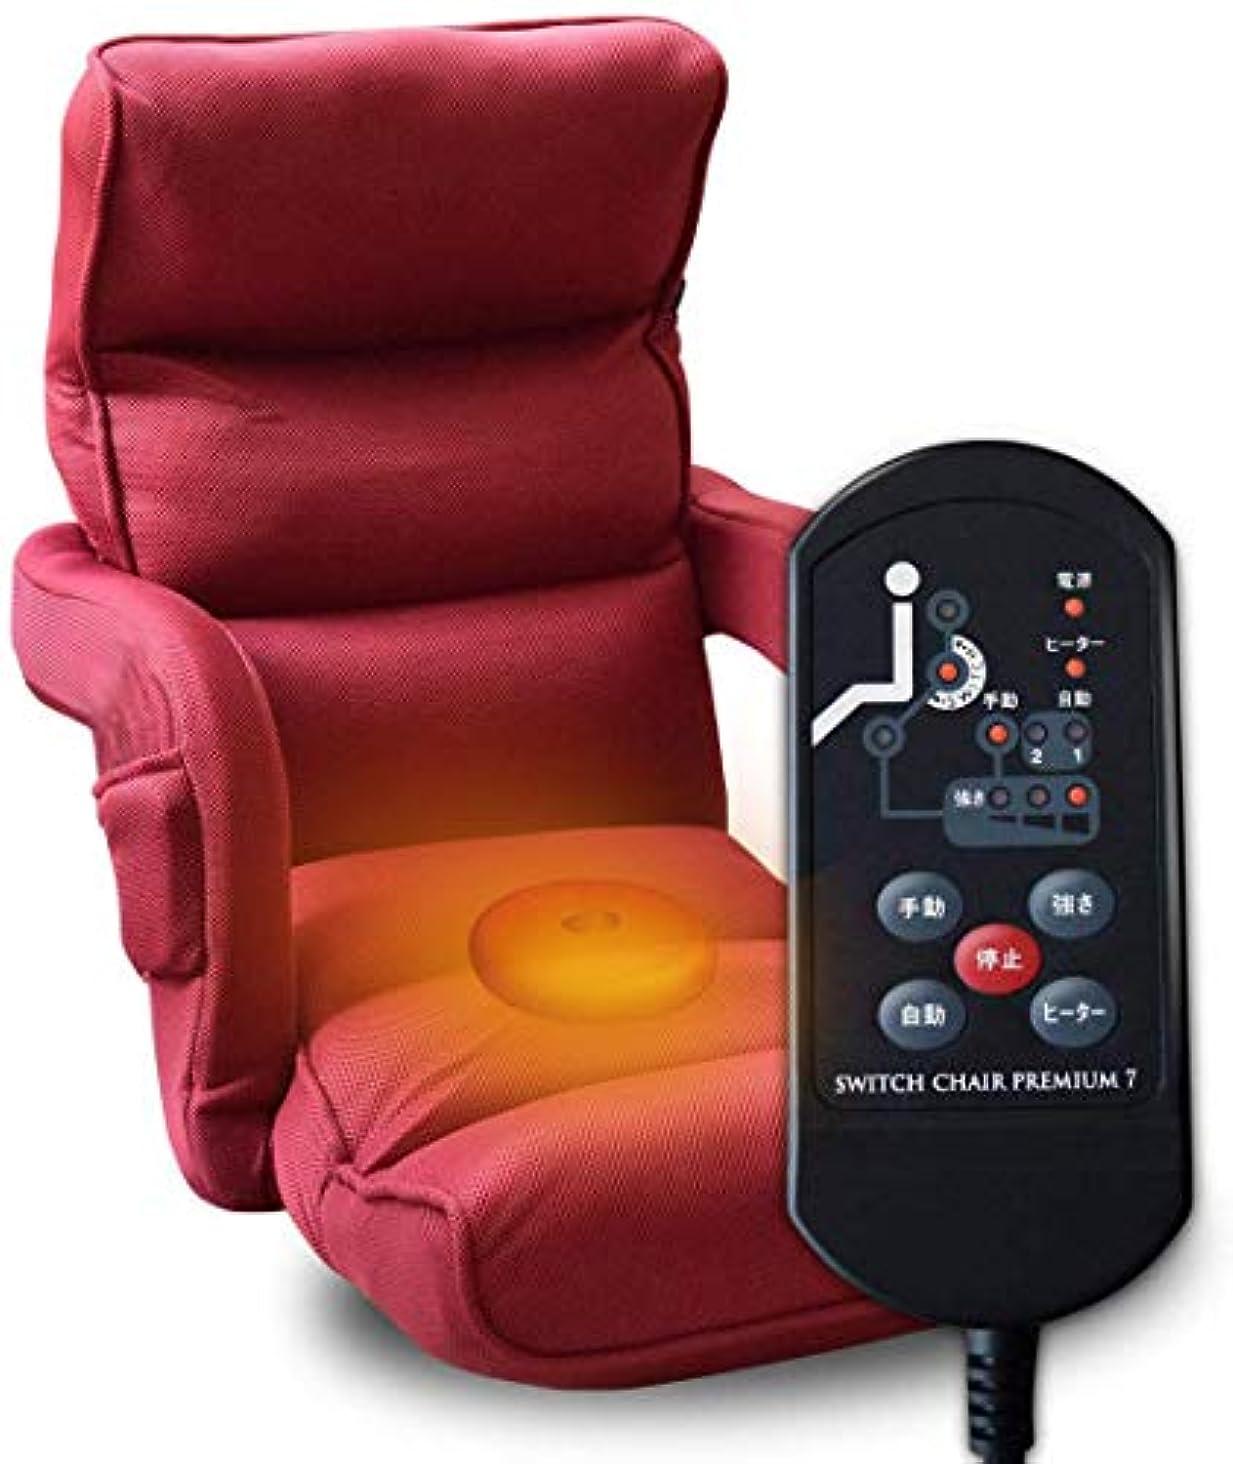 変形反射構築するSWITCH CHAIR PREMIUM 7 マッサージ器 マッサージ機 肘掛け付き座椅子 マッサージ ヒーター 首 肩 腰 肩こり 背中 マッサージチェア ビクトリアンローズ